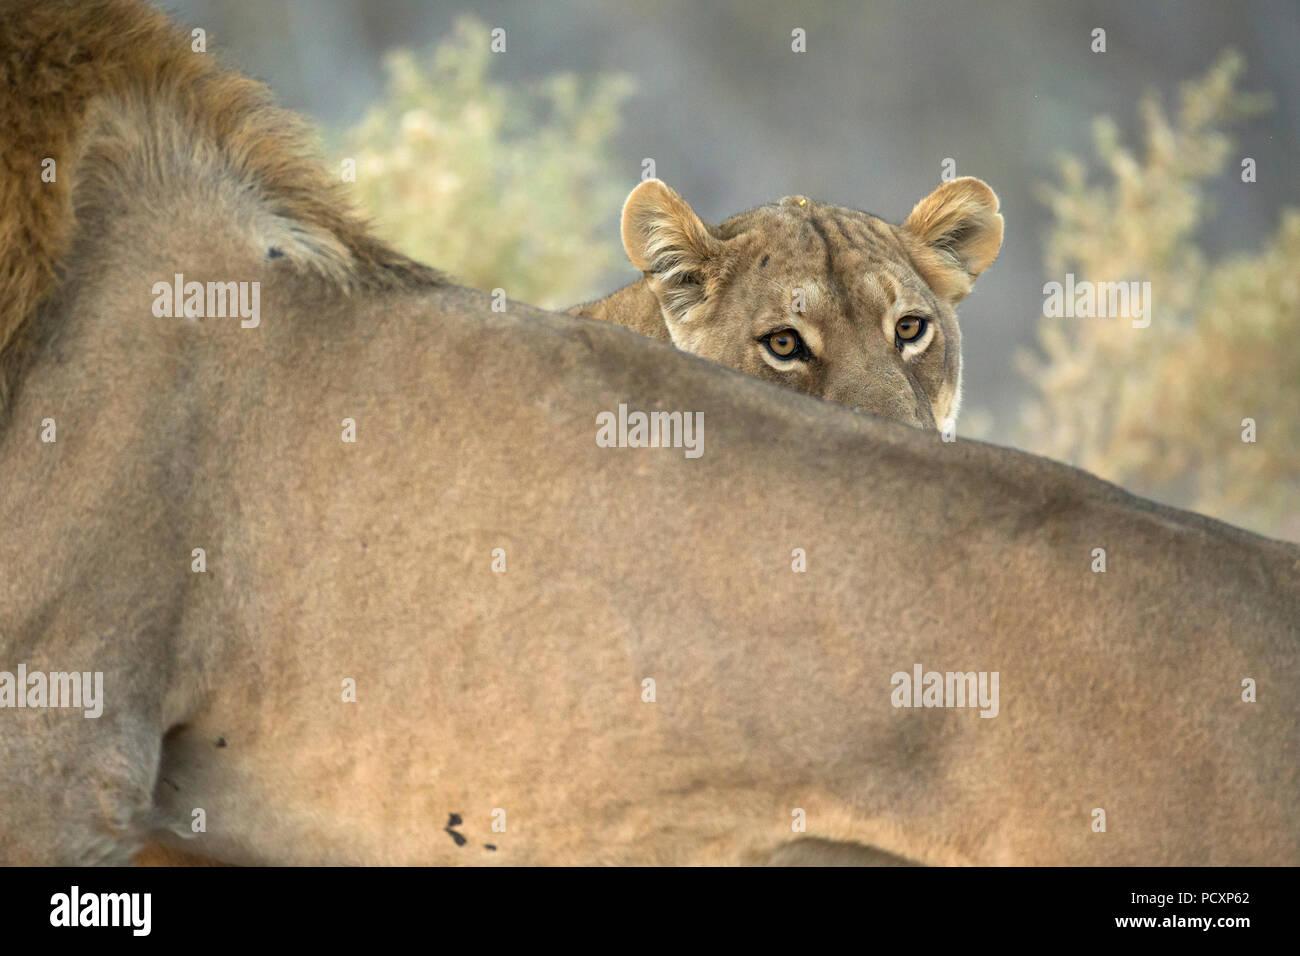 Löwen (Panthera leo) Paar während der Steckzyklen Stockbild